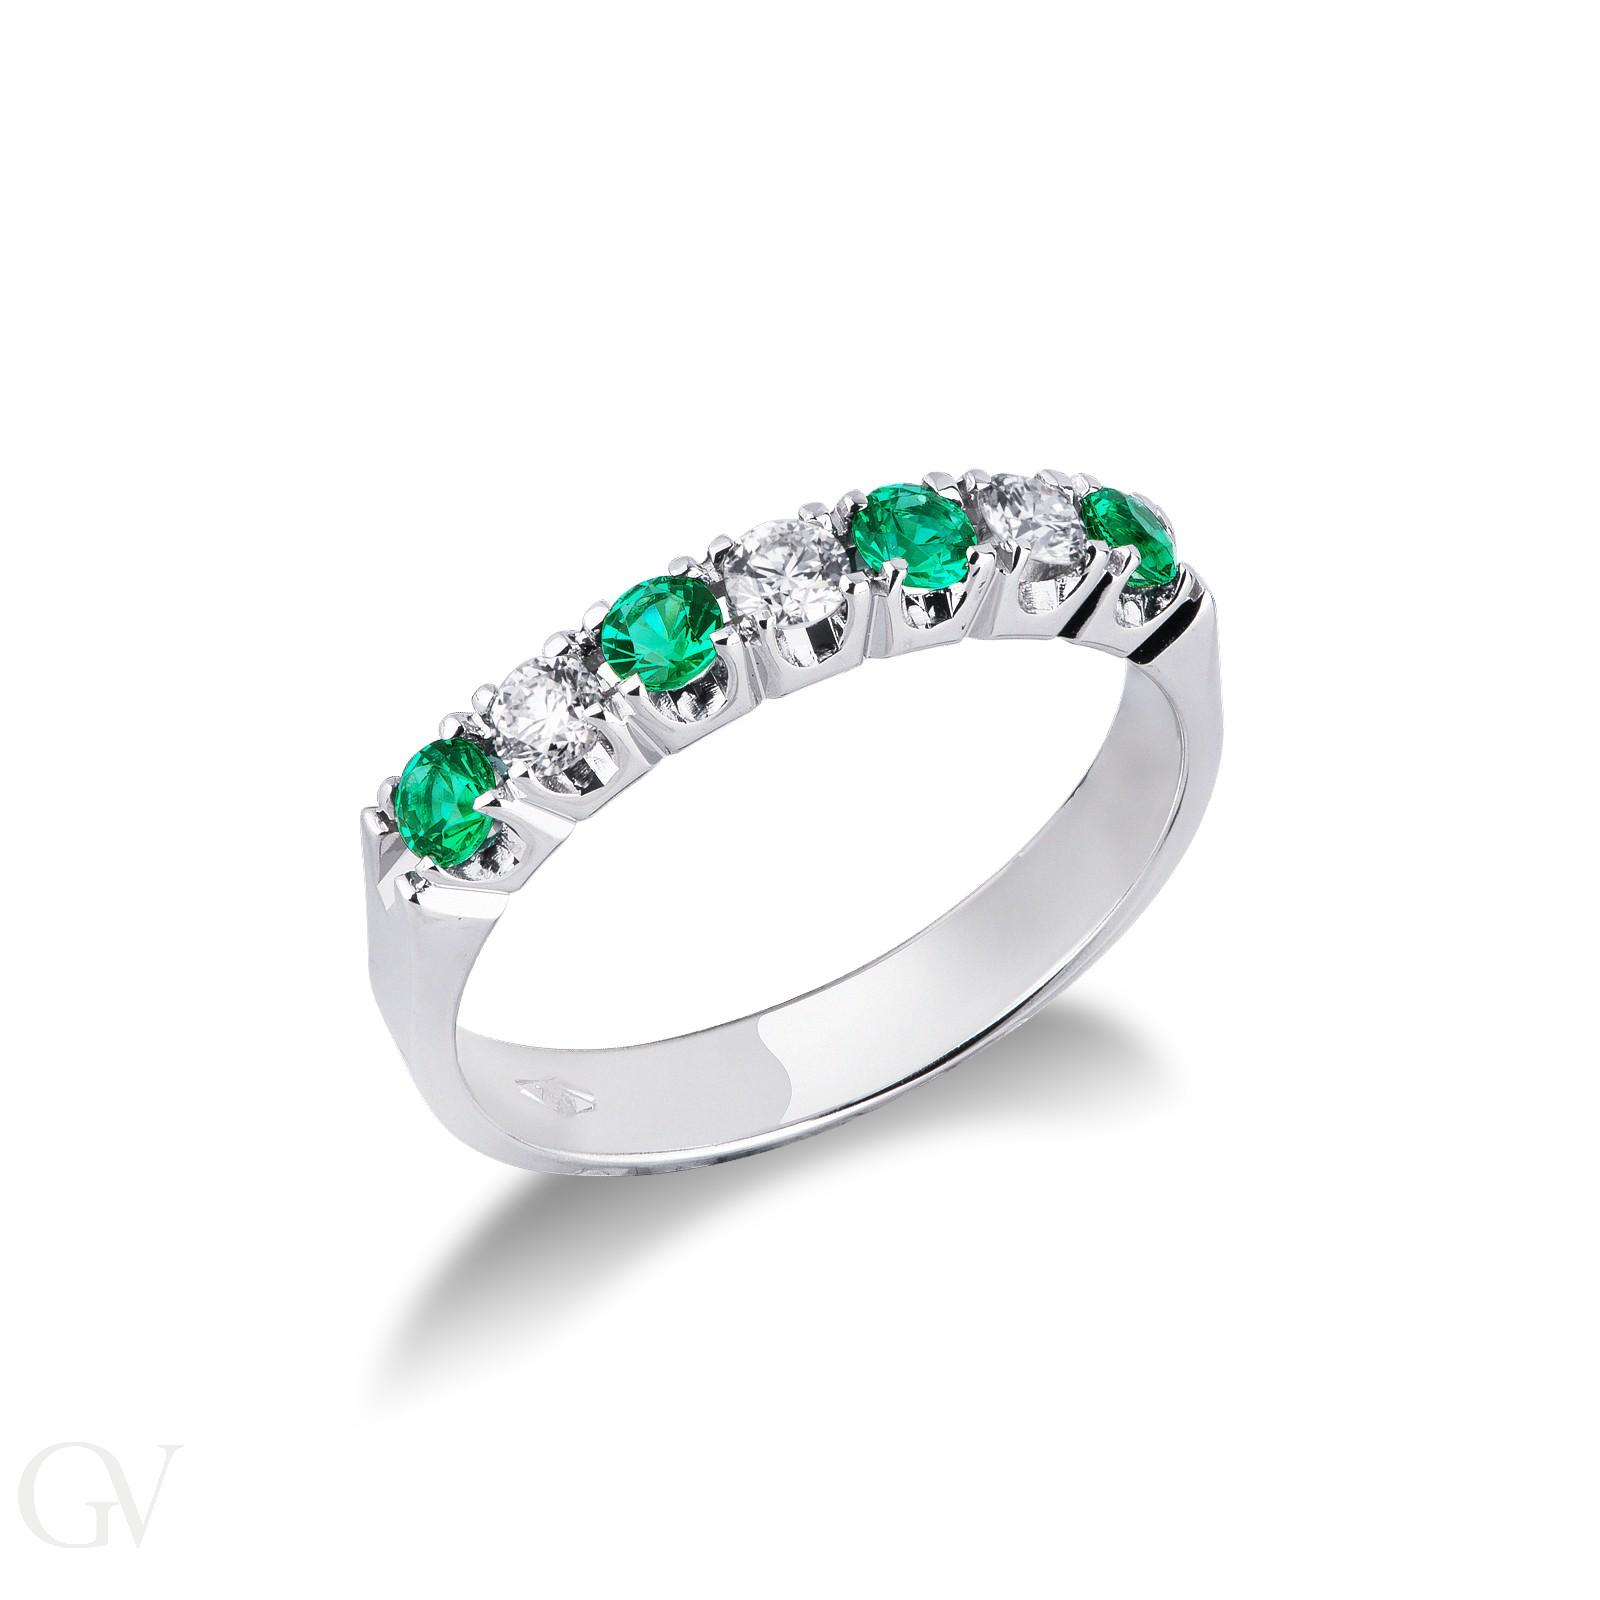 Anello Veretta a 7 pietre in Oro bianco 18k con Diamanti e Smeraldi